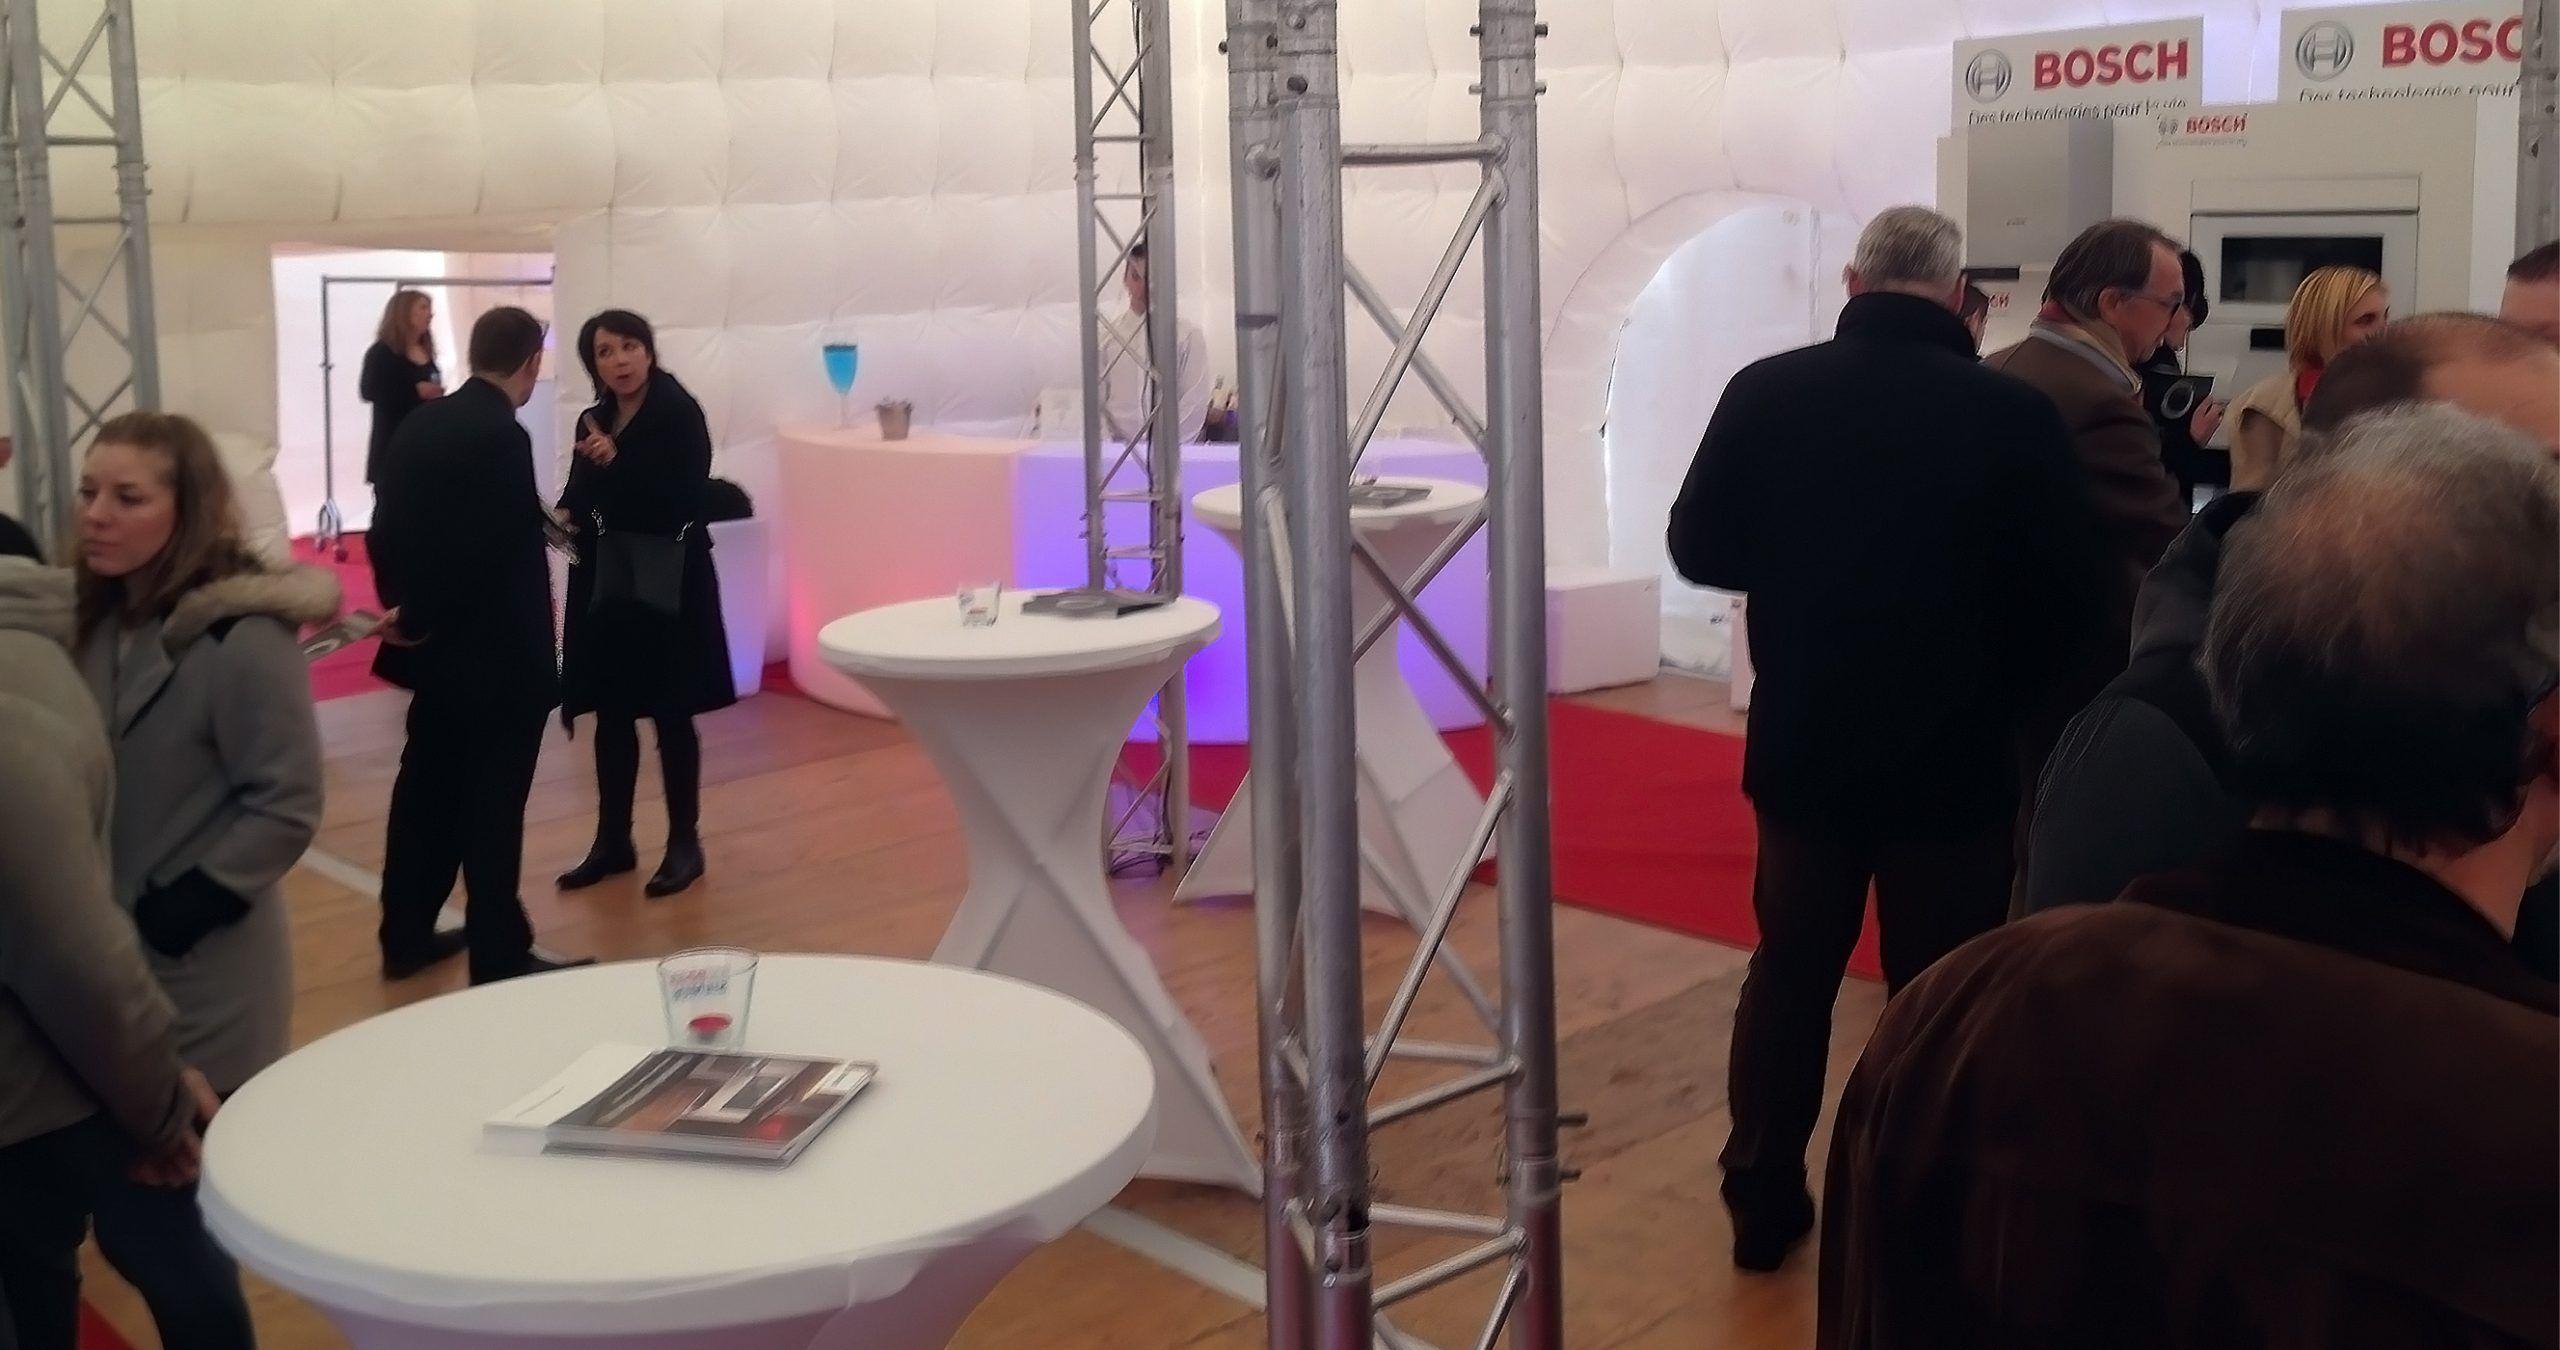 Agence Événementielle Toulouse Showroom siemens bosch foire exposition Onlyevent 1 scaled